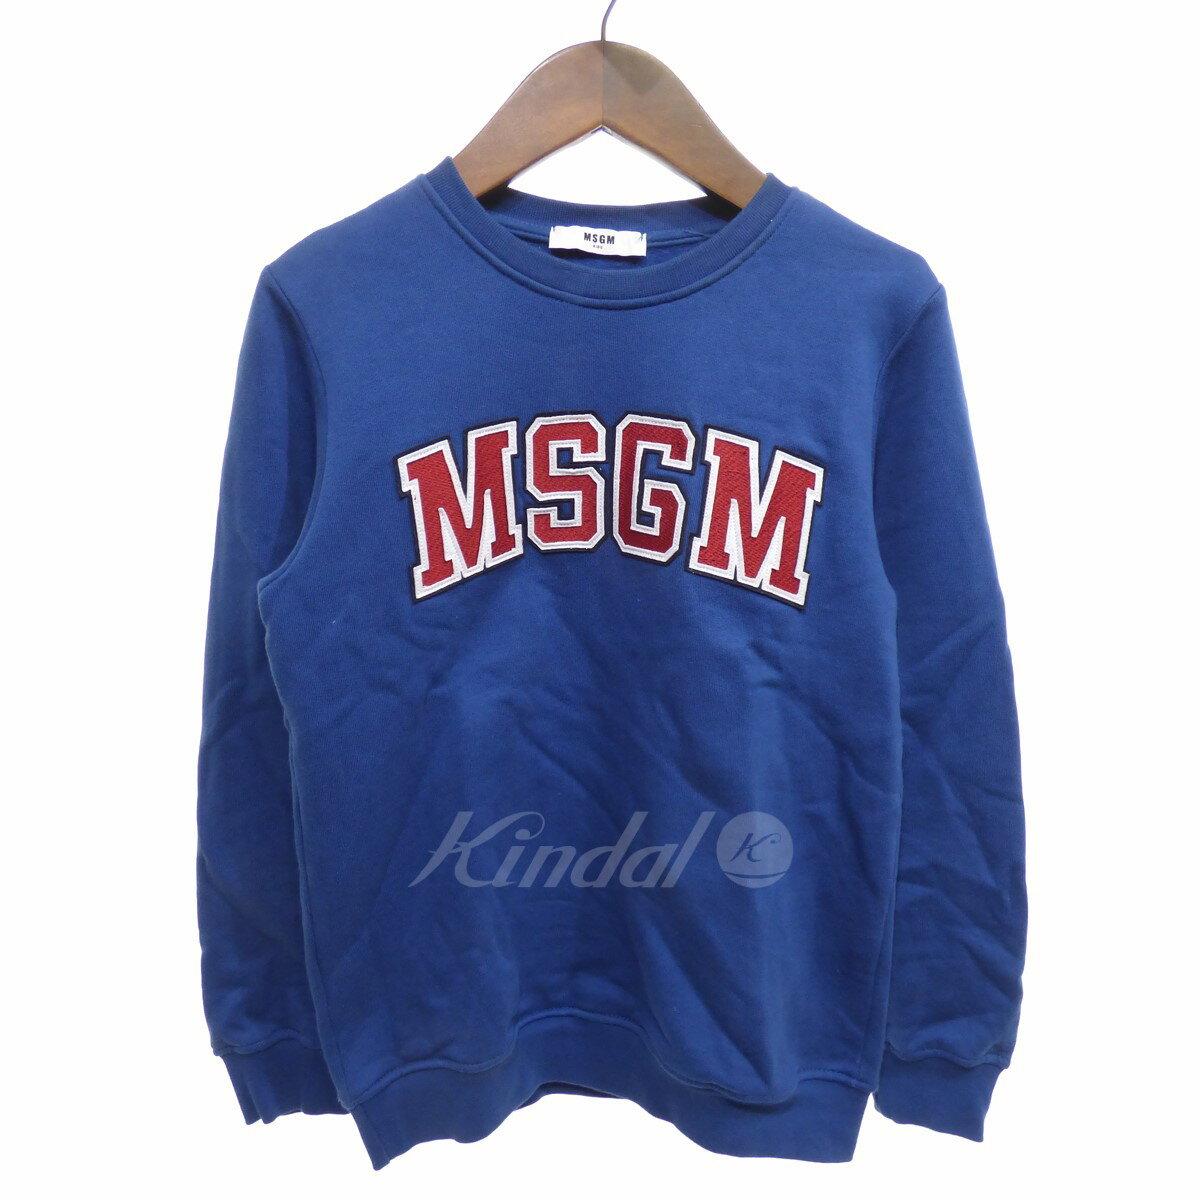 【中古】MSGM ロゴスウェットトレーナー ブルー サイズ:10anni 【送料無料】 【080418】(エムエスジーエム)